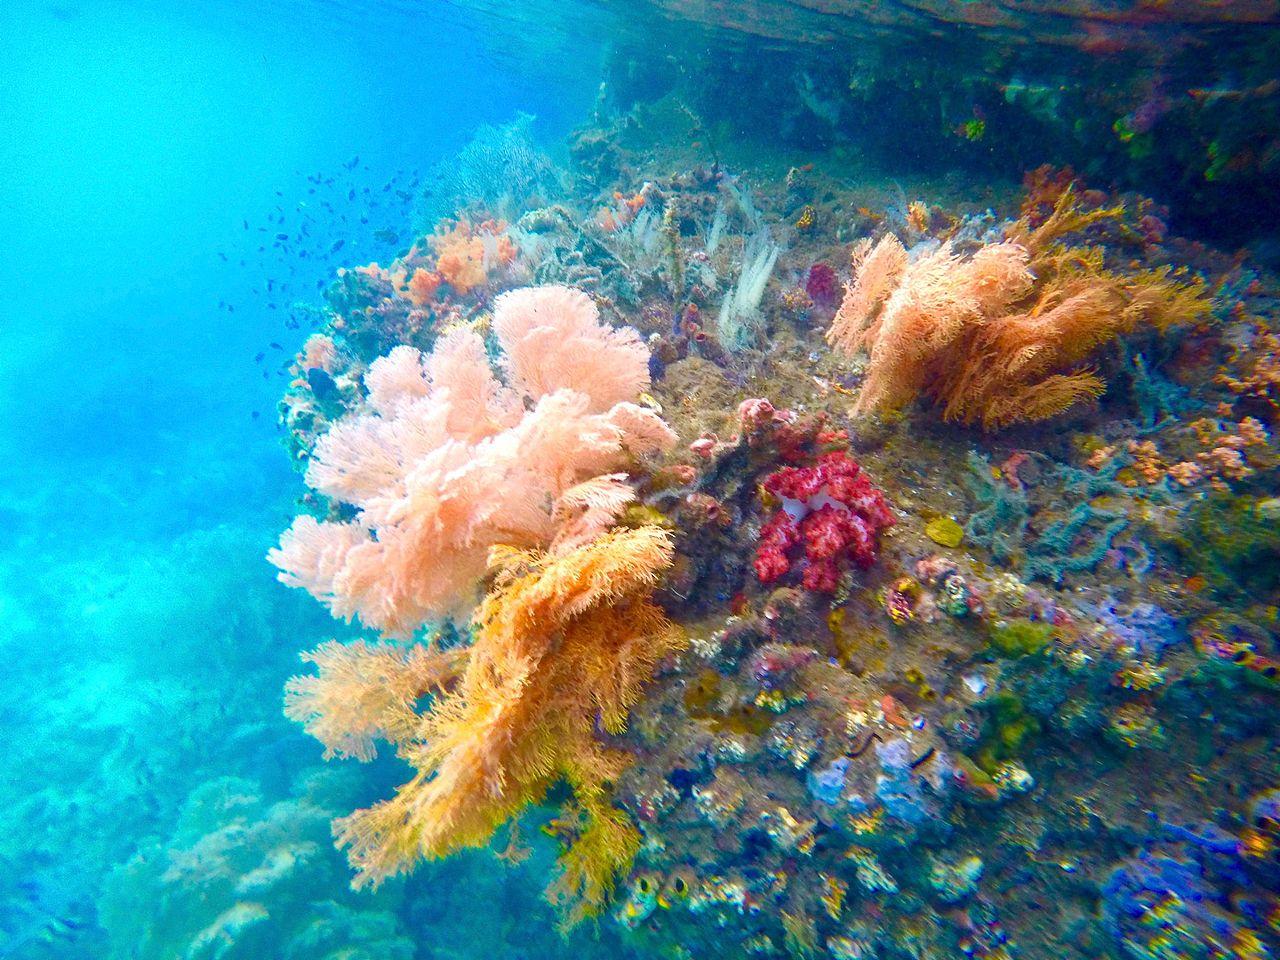 File:Soft corals between Gam and Waigeo, Raja Ampat.jpg